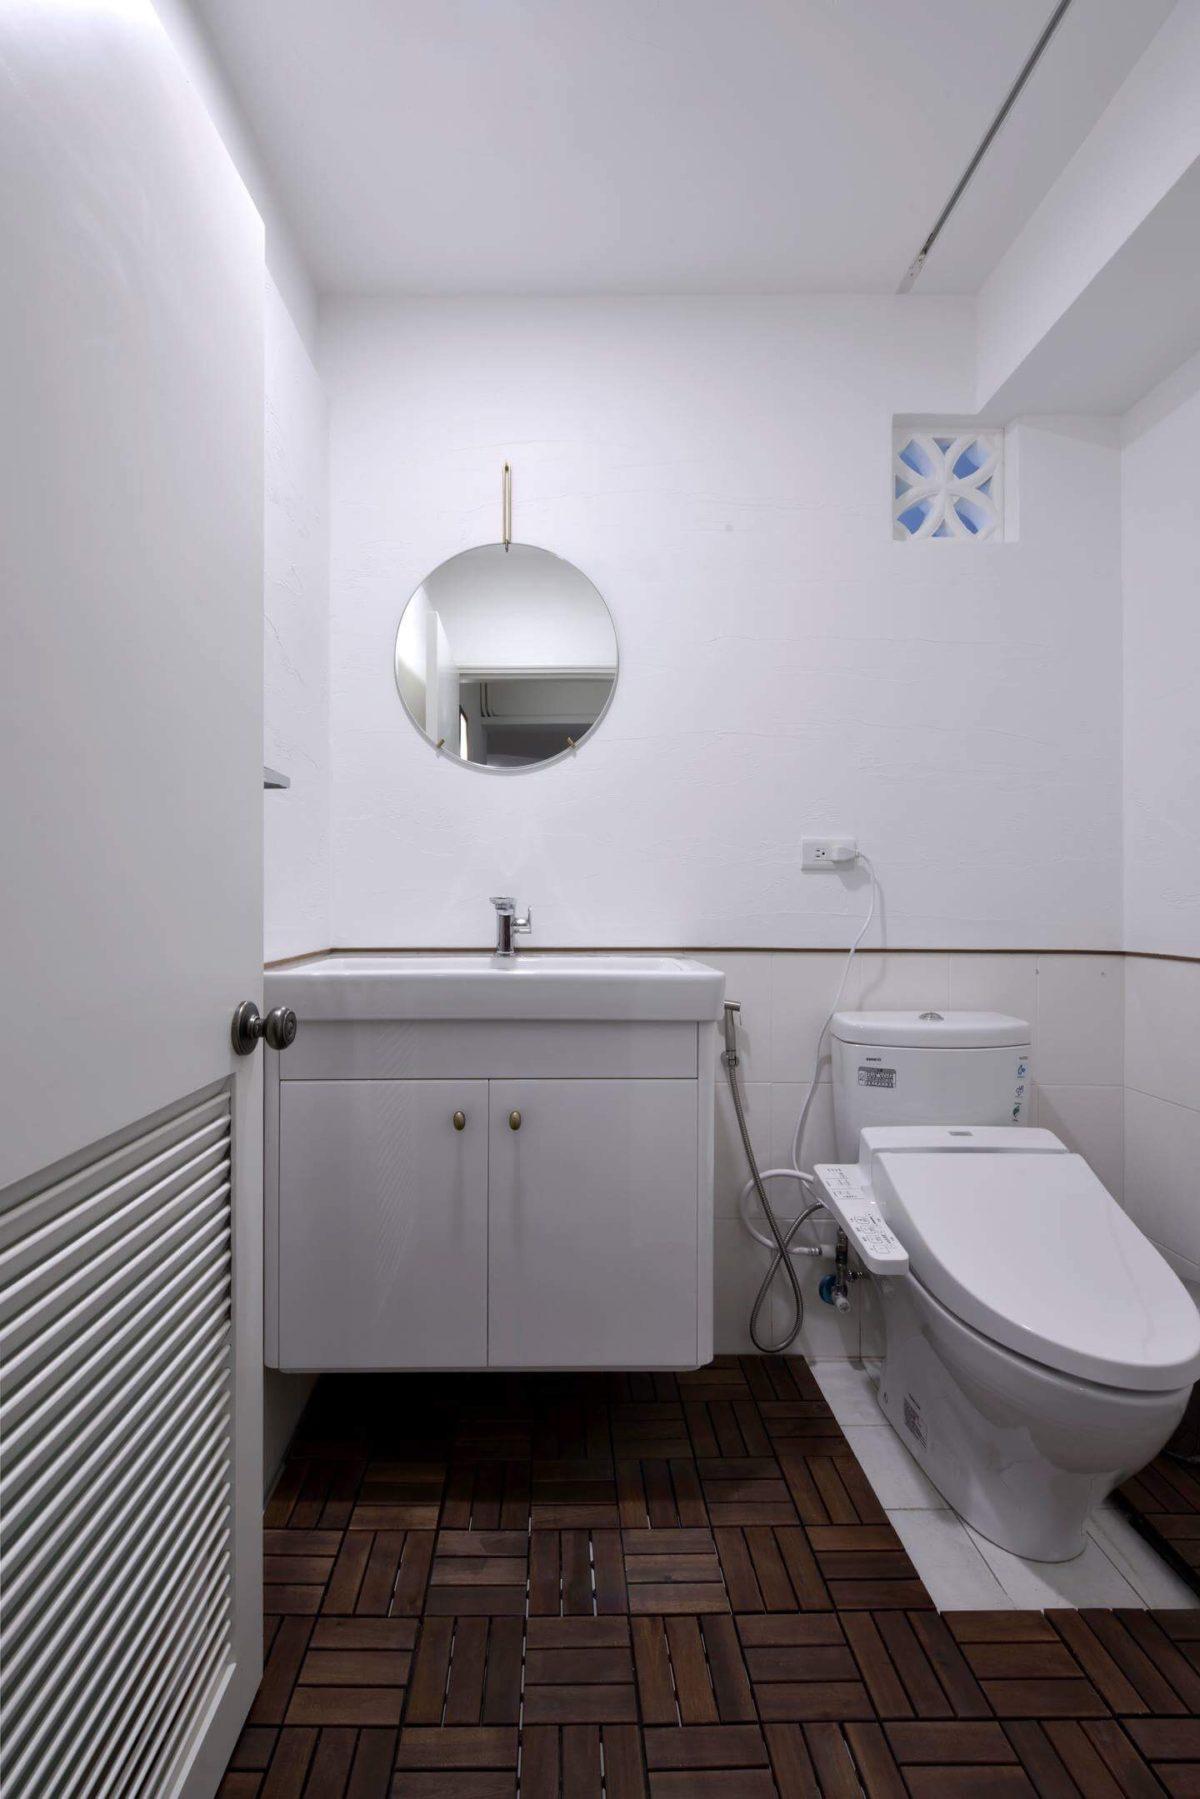 客廁 牆面原本瓷磚保留,在88公分以上做了珪藻土,吸濕除臭又好看